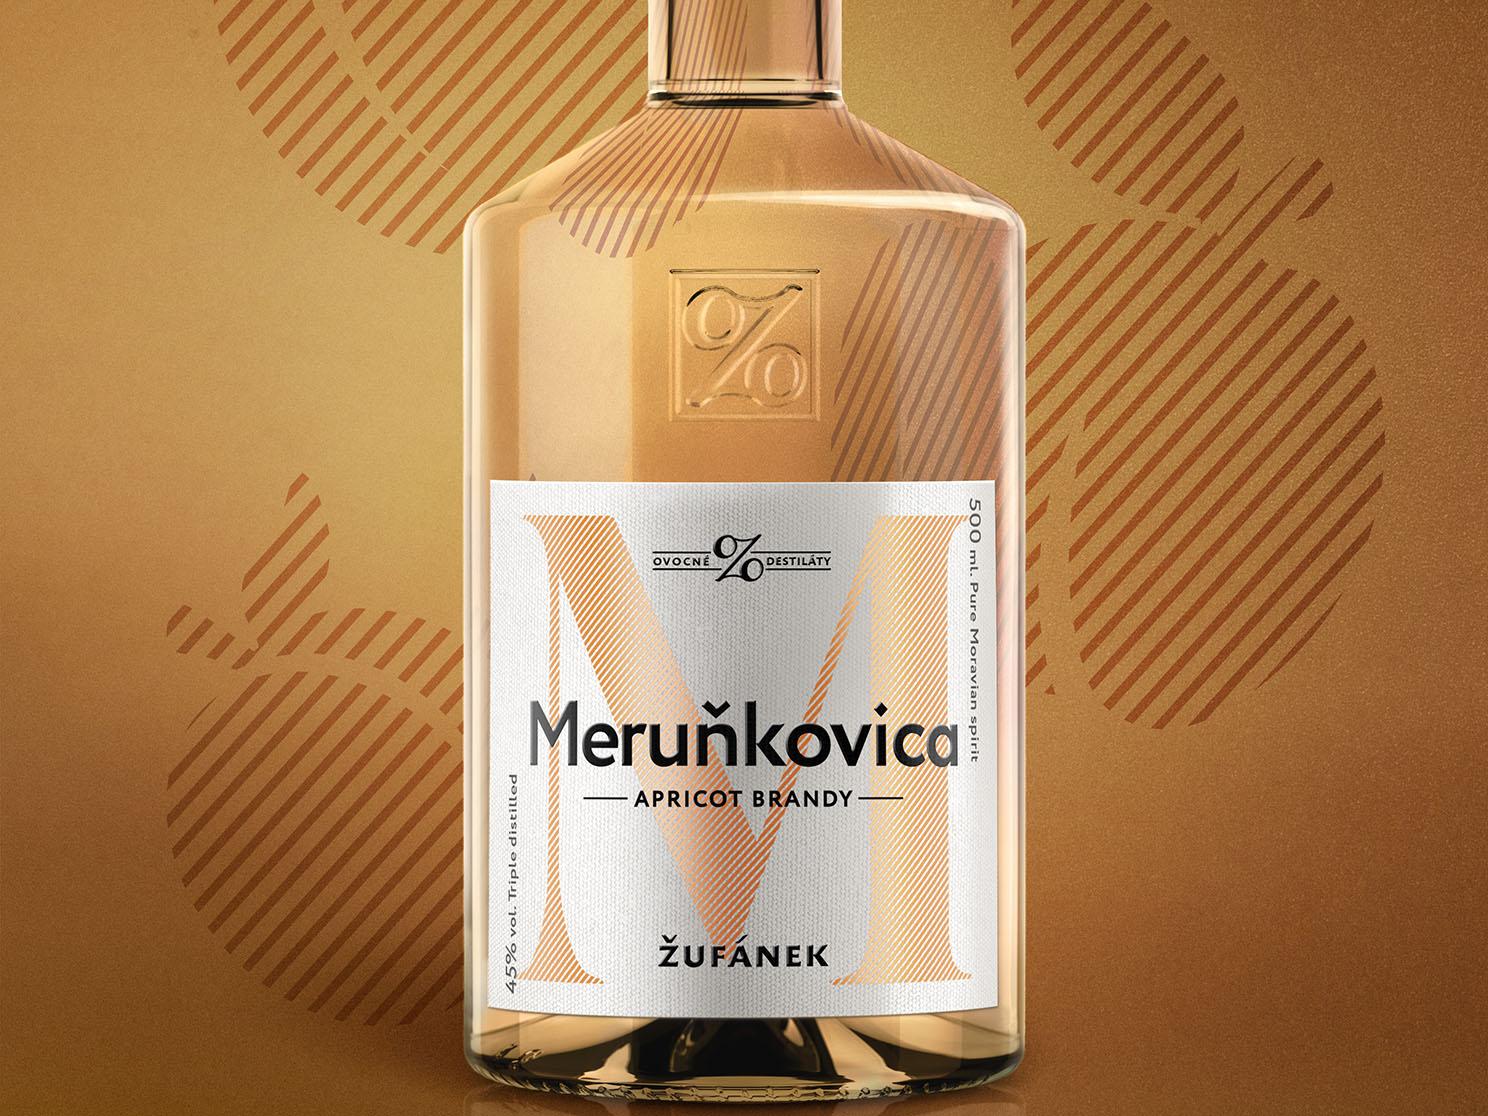 merunkovica visual